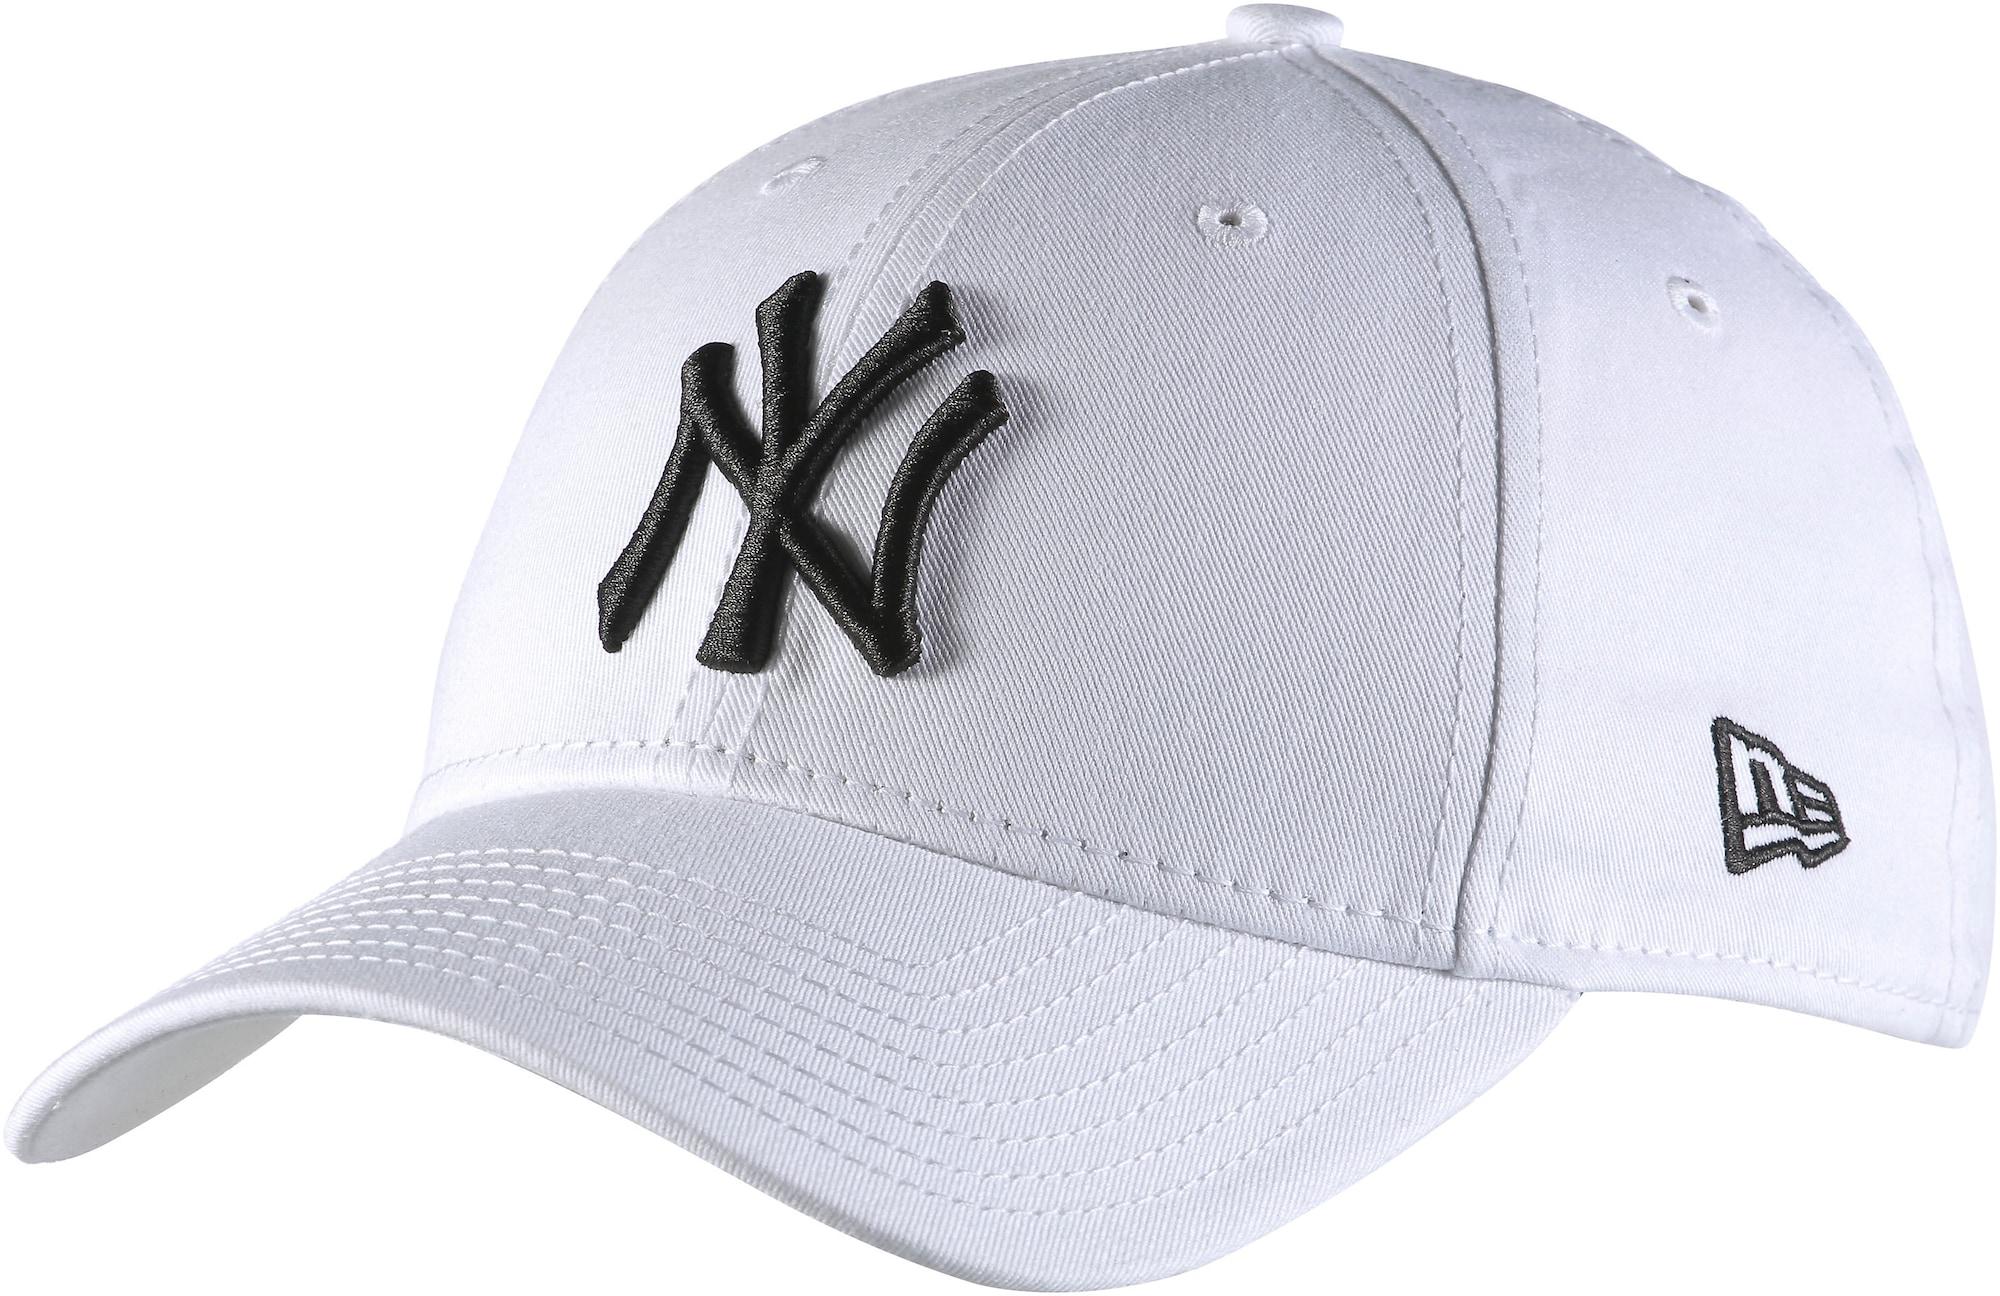 Kšiltovka Cap 9forty MLB Basic NY Yenkees černá bílá NEW ERA